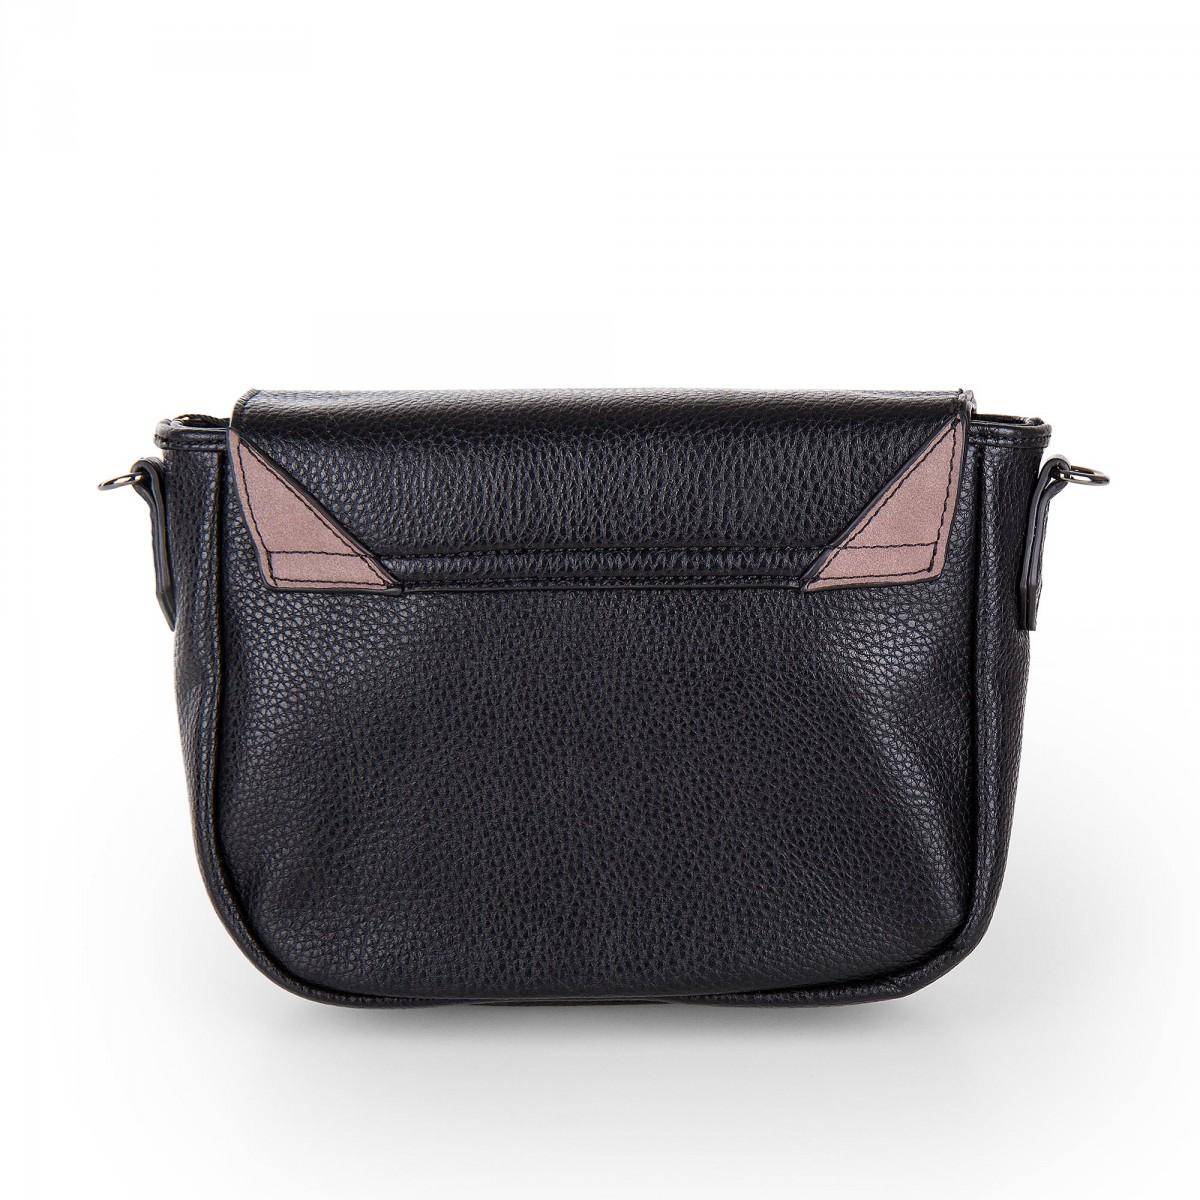 ... Petit sac simili cuir noir motifs losanges femme CHRISTIAN LACROIX  marque pas cher prix dégriffés destockage ... a8fe976b3a1